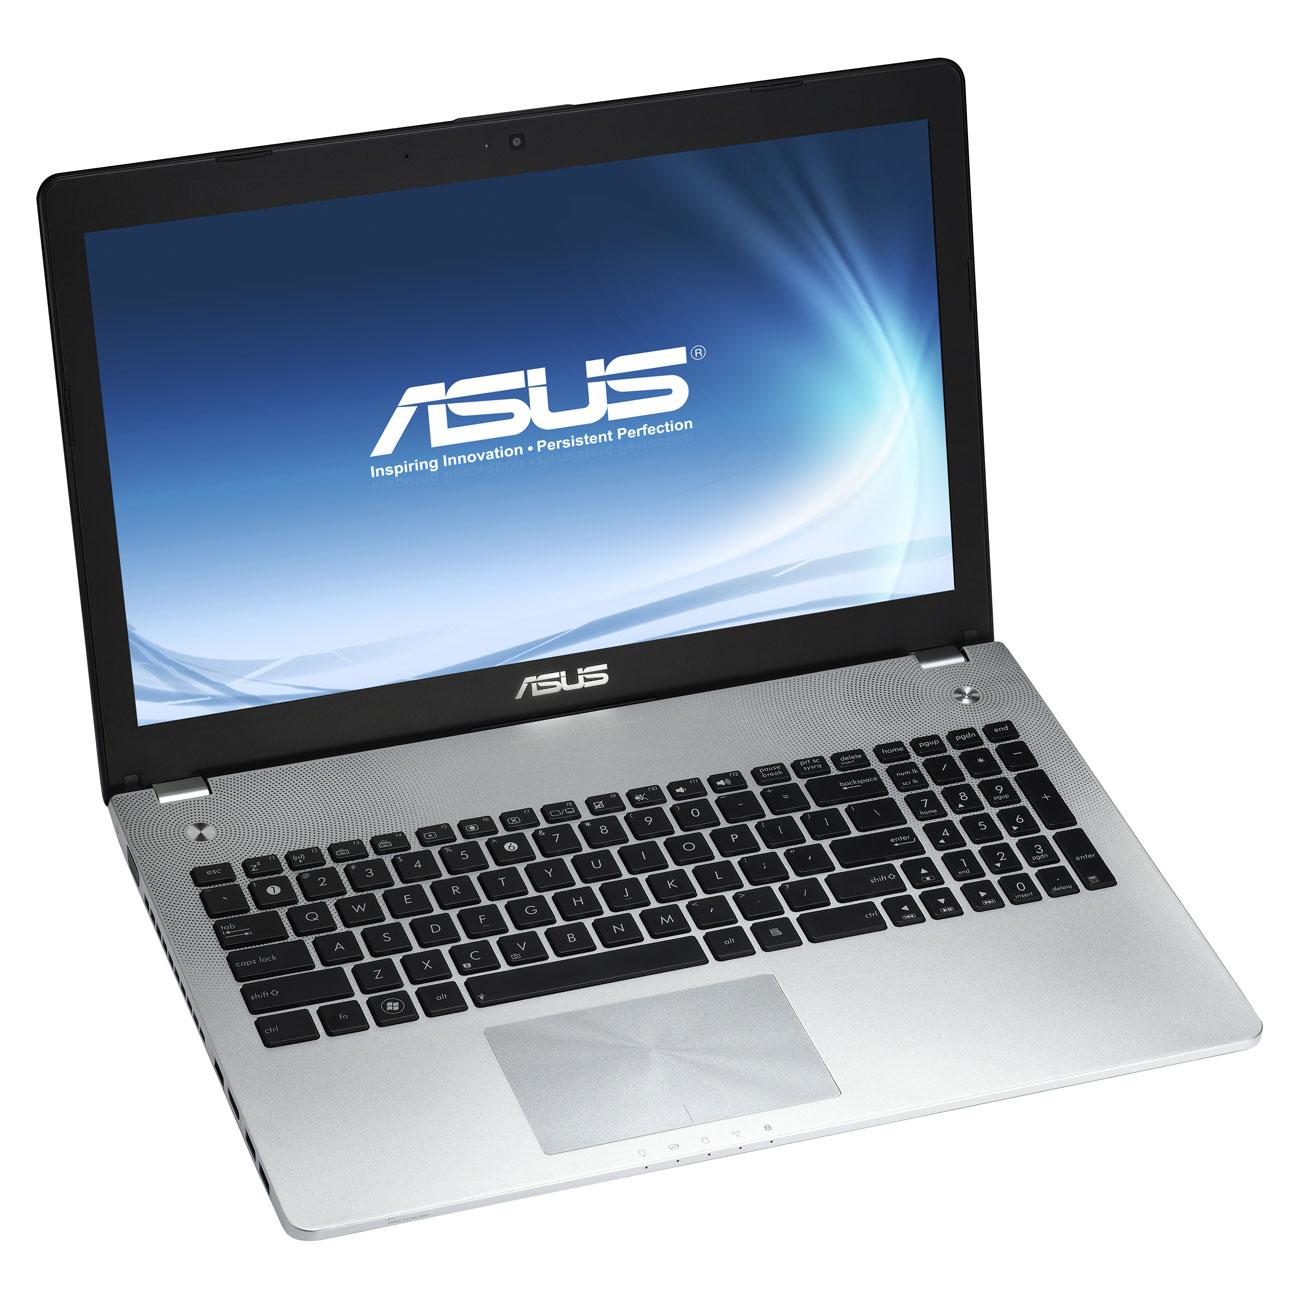 """PC portable ASUS N56VB-S4190H Intel Core i5-3230M 6 Go 750 Go 15.6"""" LED NVIDIA GeForce GT 740M Graveur DVD Wi-Fi N/Bluetooth Webcam Windows 8 64 bits (garantie constructeur 1 an)"""